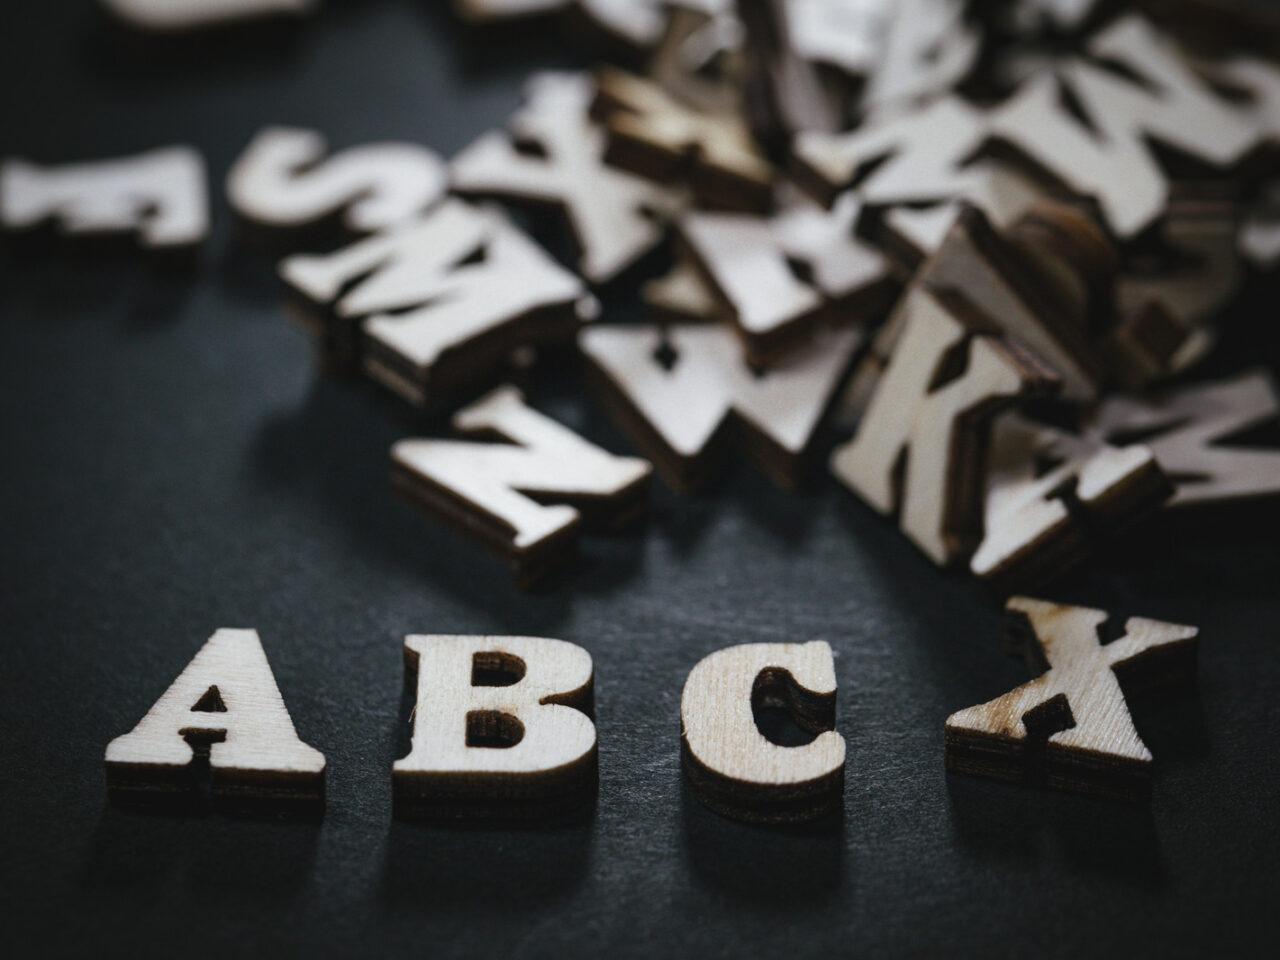 特殊文字&記号で名前を作れるコピペ&コピーツール!可愛い&おしゃれのサムネイル画像